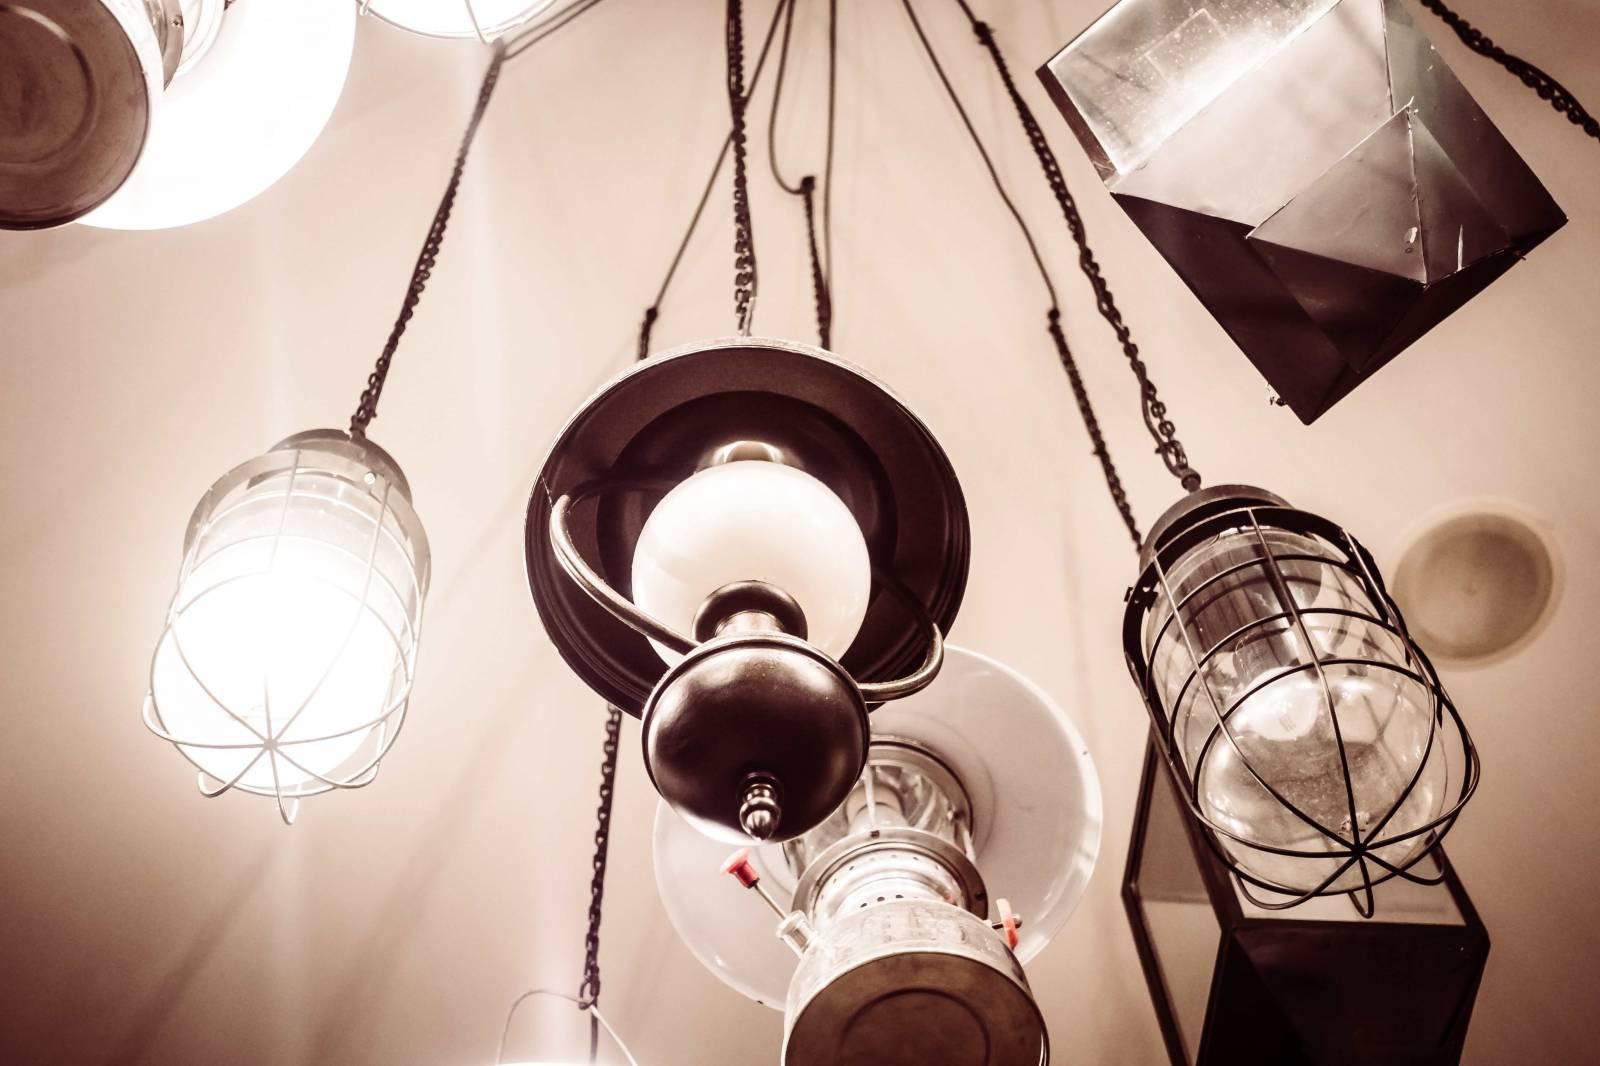 Entreprise De Nettoyage Pour Lentretien Dun Magasin De Luminaires